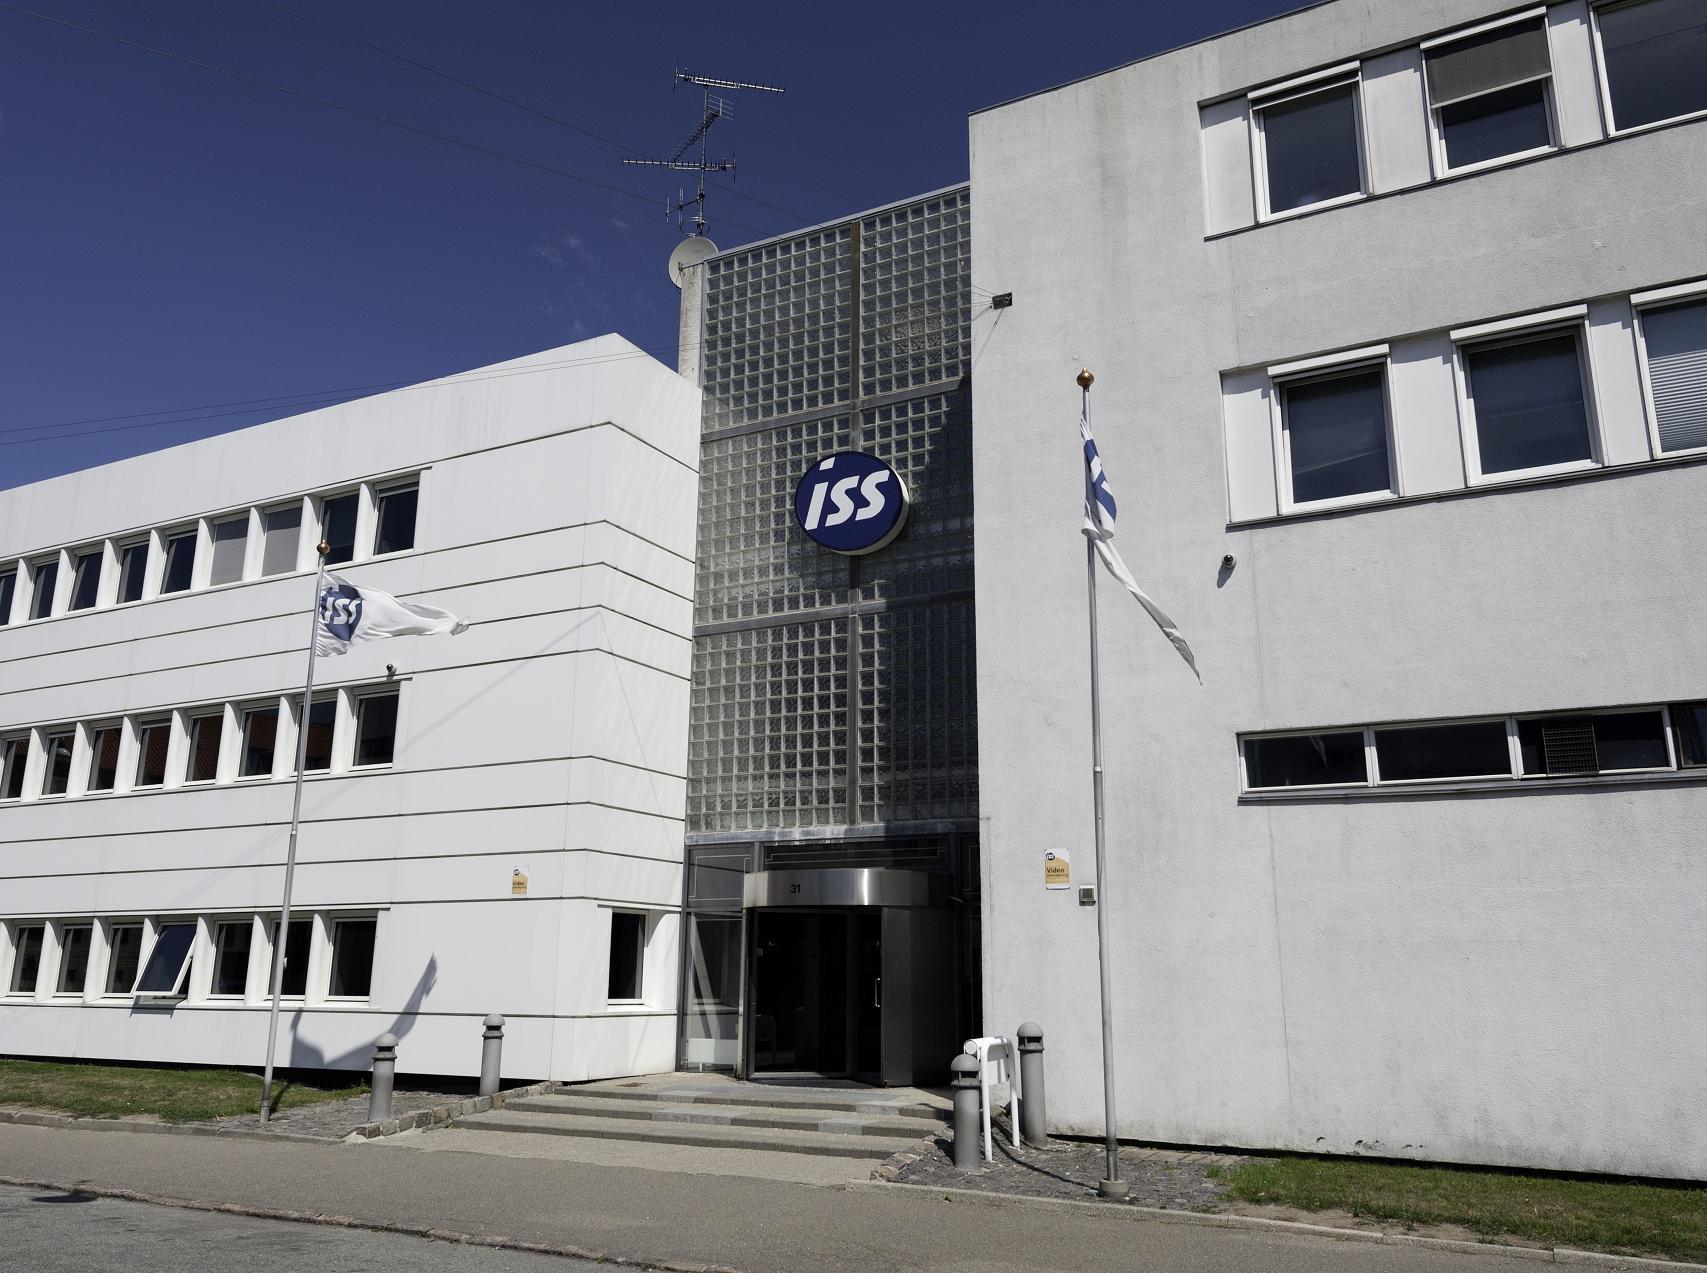 ISS headquarter Denmark